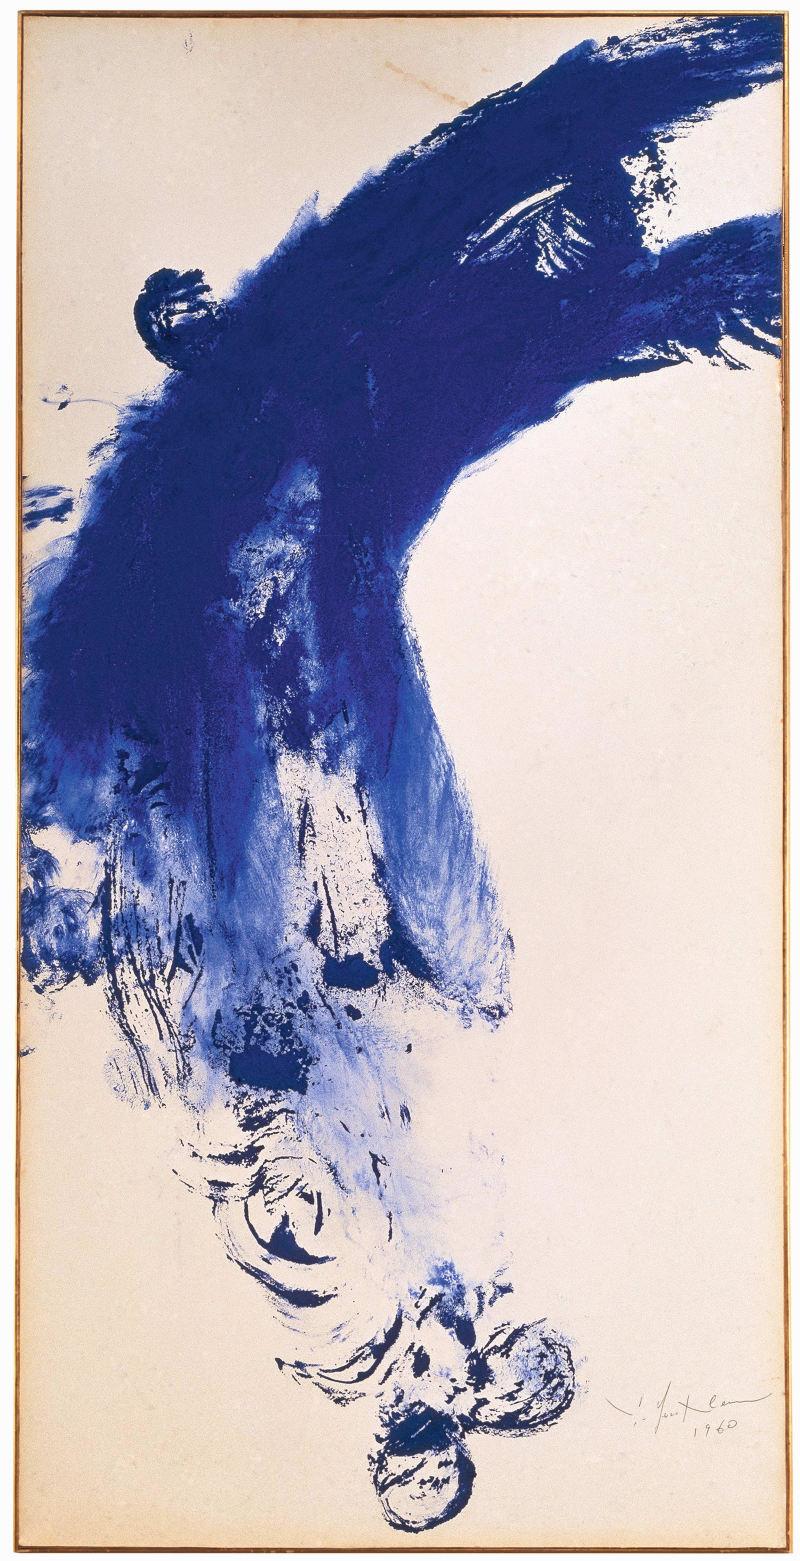 Le Saut dans le Vide - Yves Klein - Tate Liverpool - Royaume-Uni - Jusqu'au 12 mars